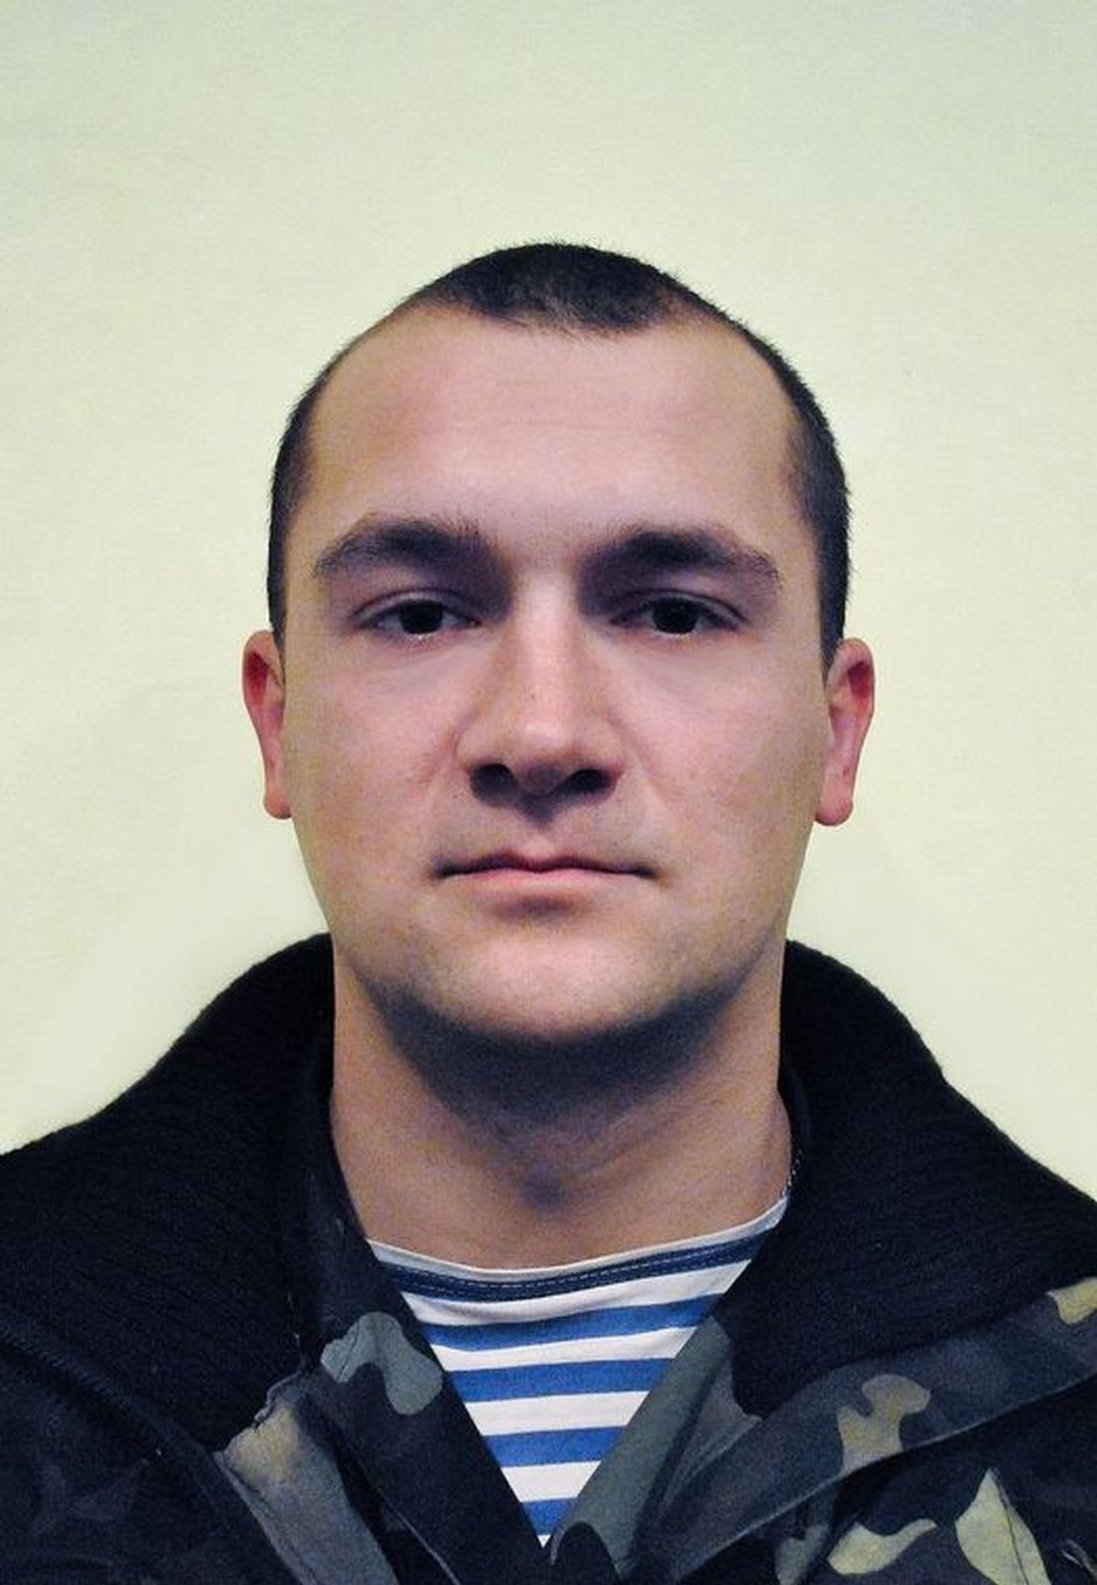 Герой України через лікарську помилку сім років пробув нерухомим